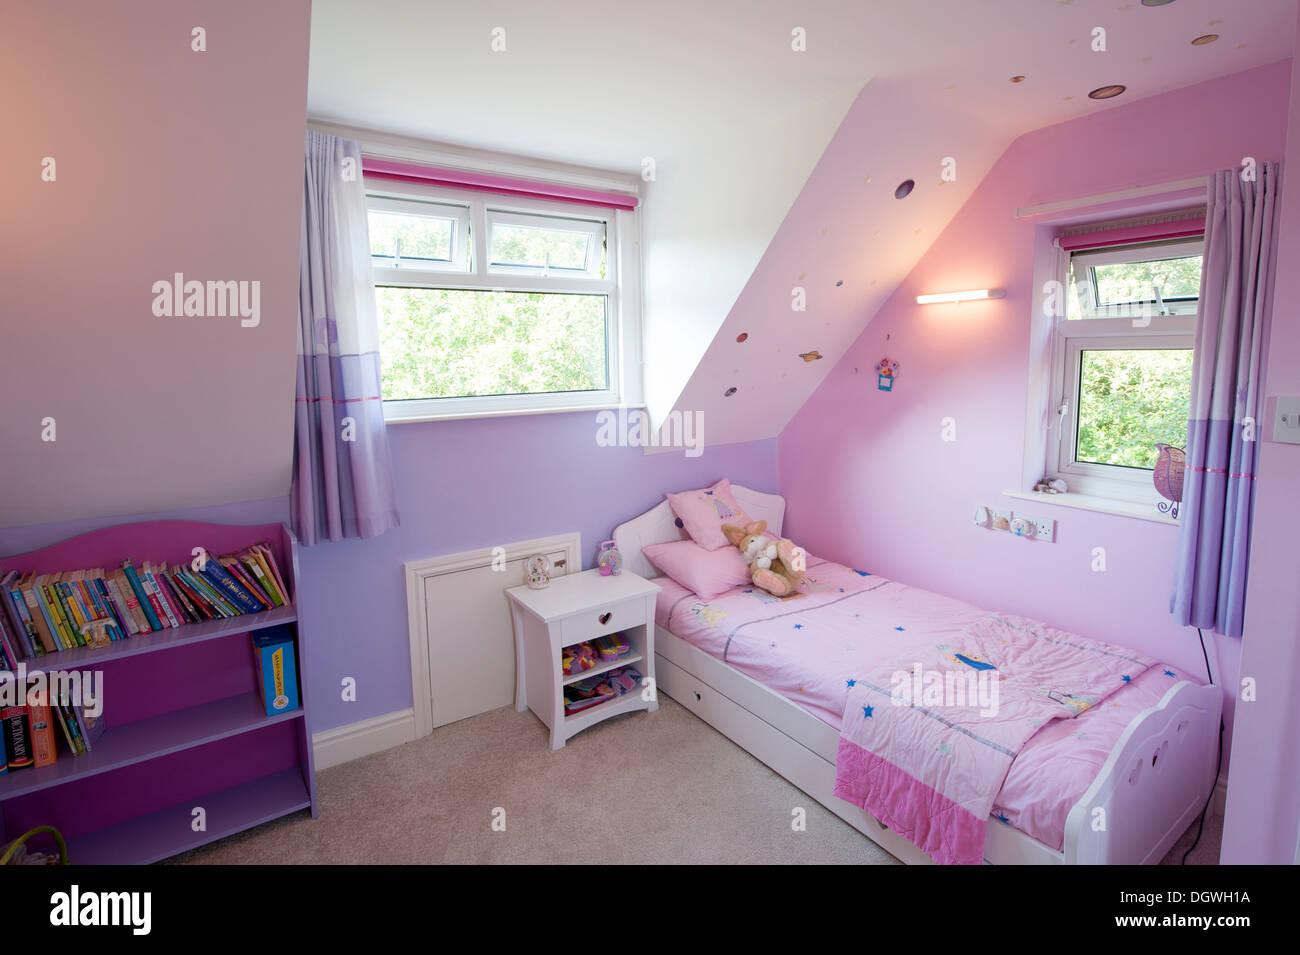 Le giovani ragazze rosa graziosa camera da letto di Barbie girl Foto ...